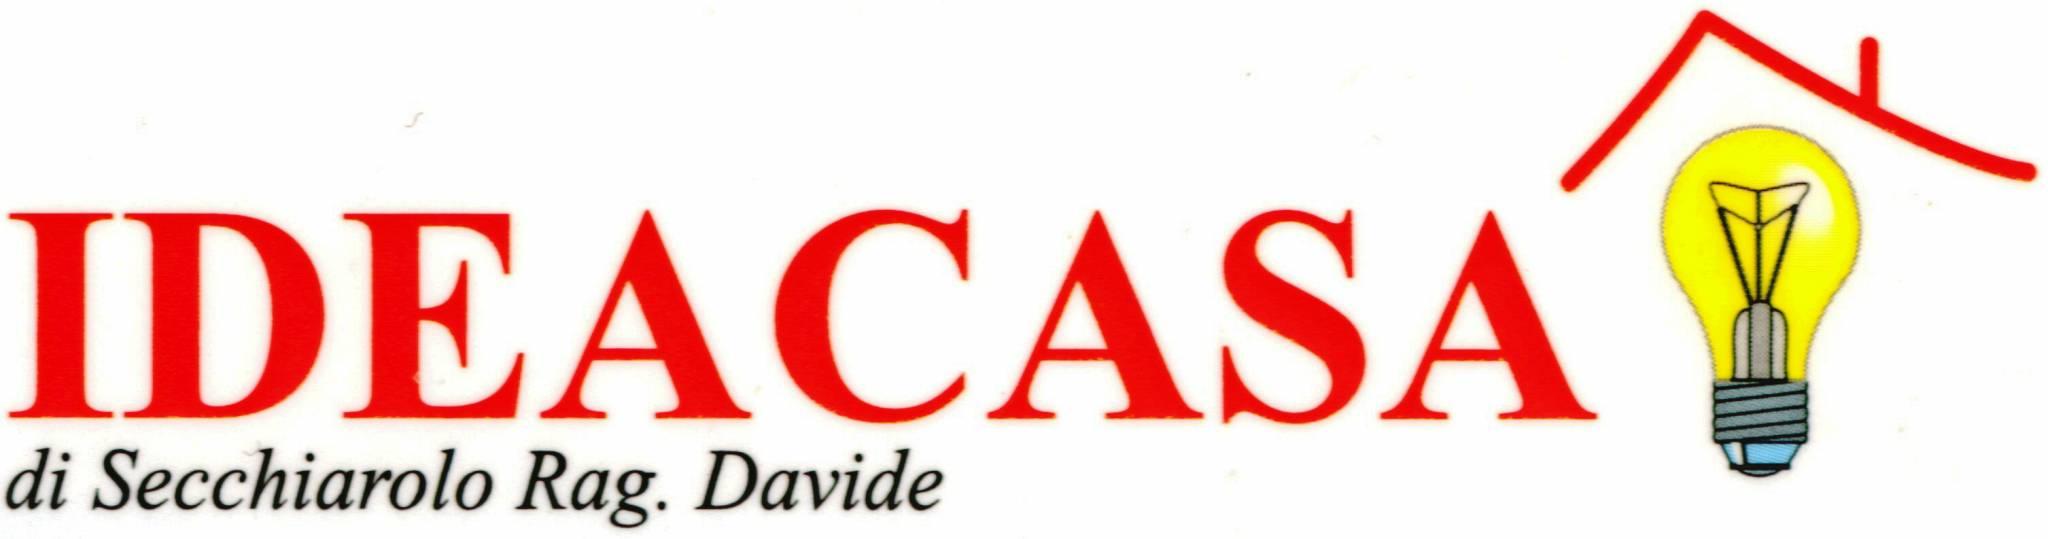 IDEA CASA DI SECCHIAROLO DAVIDE